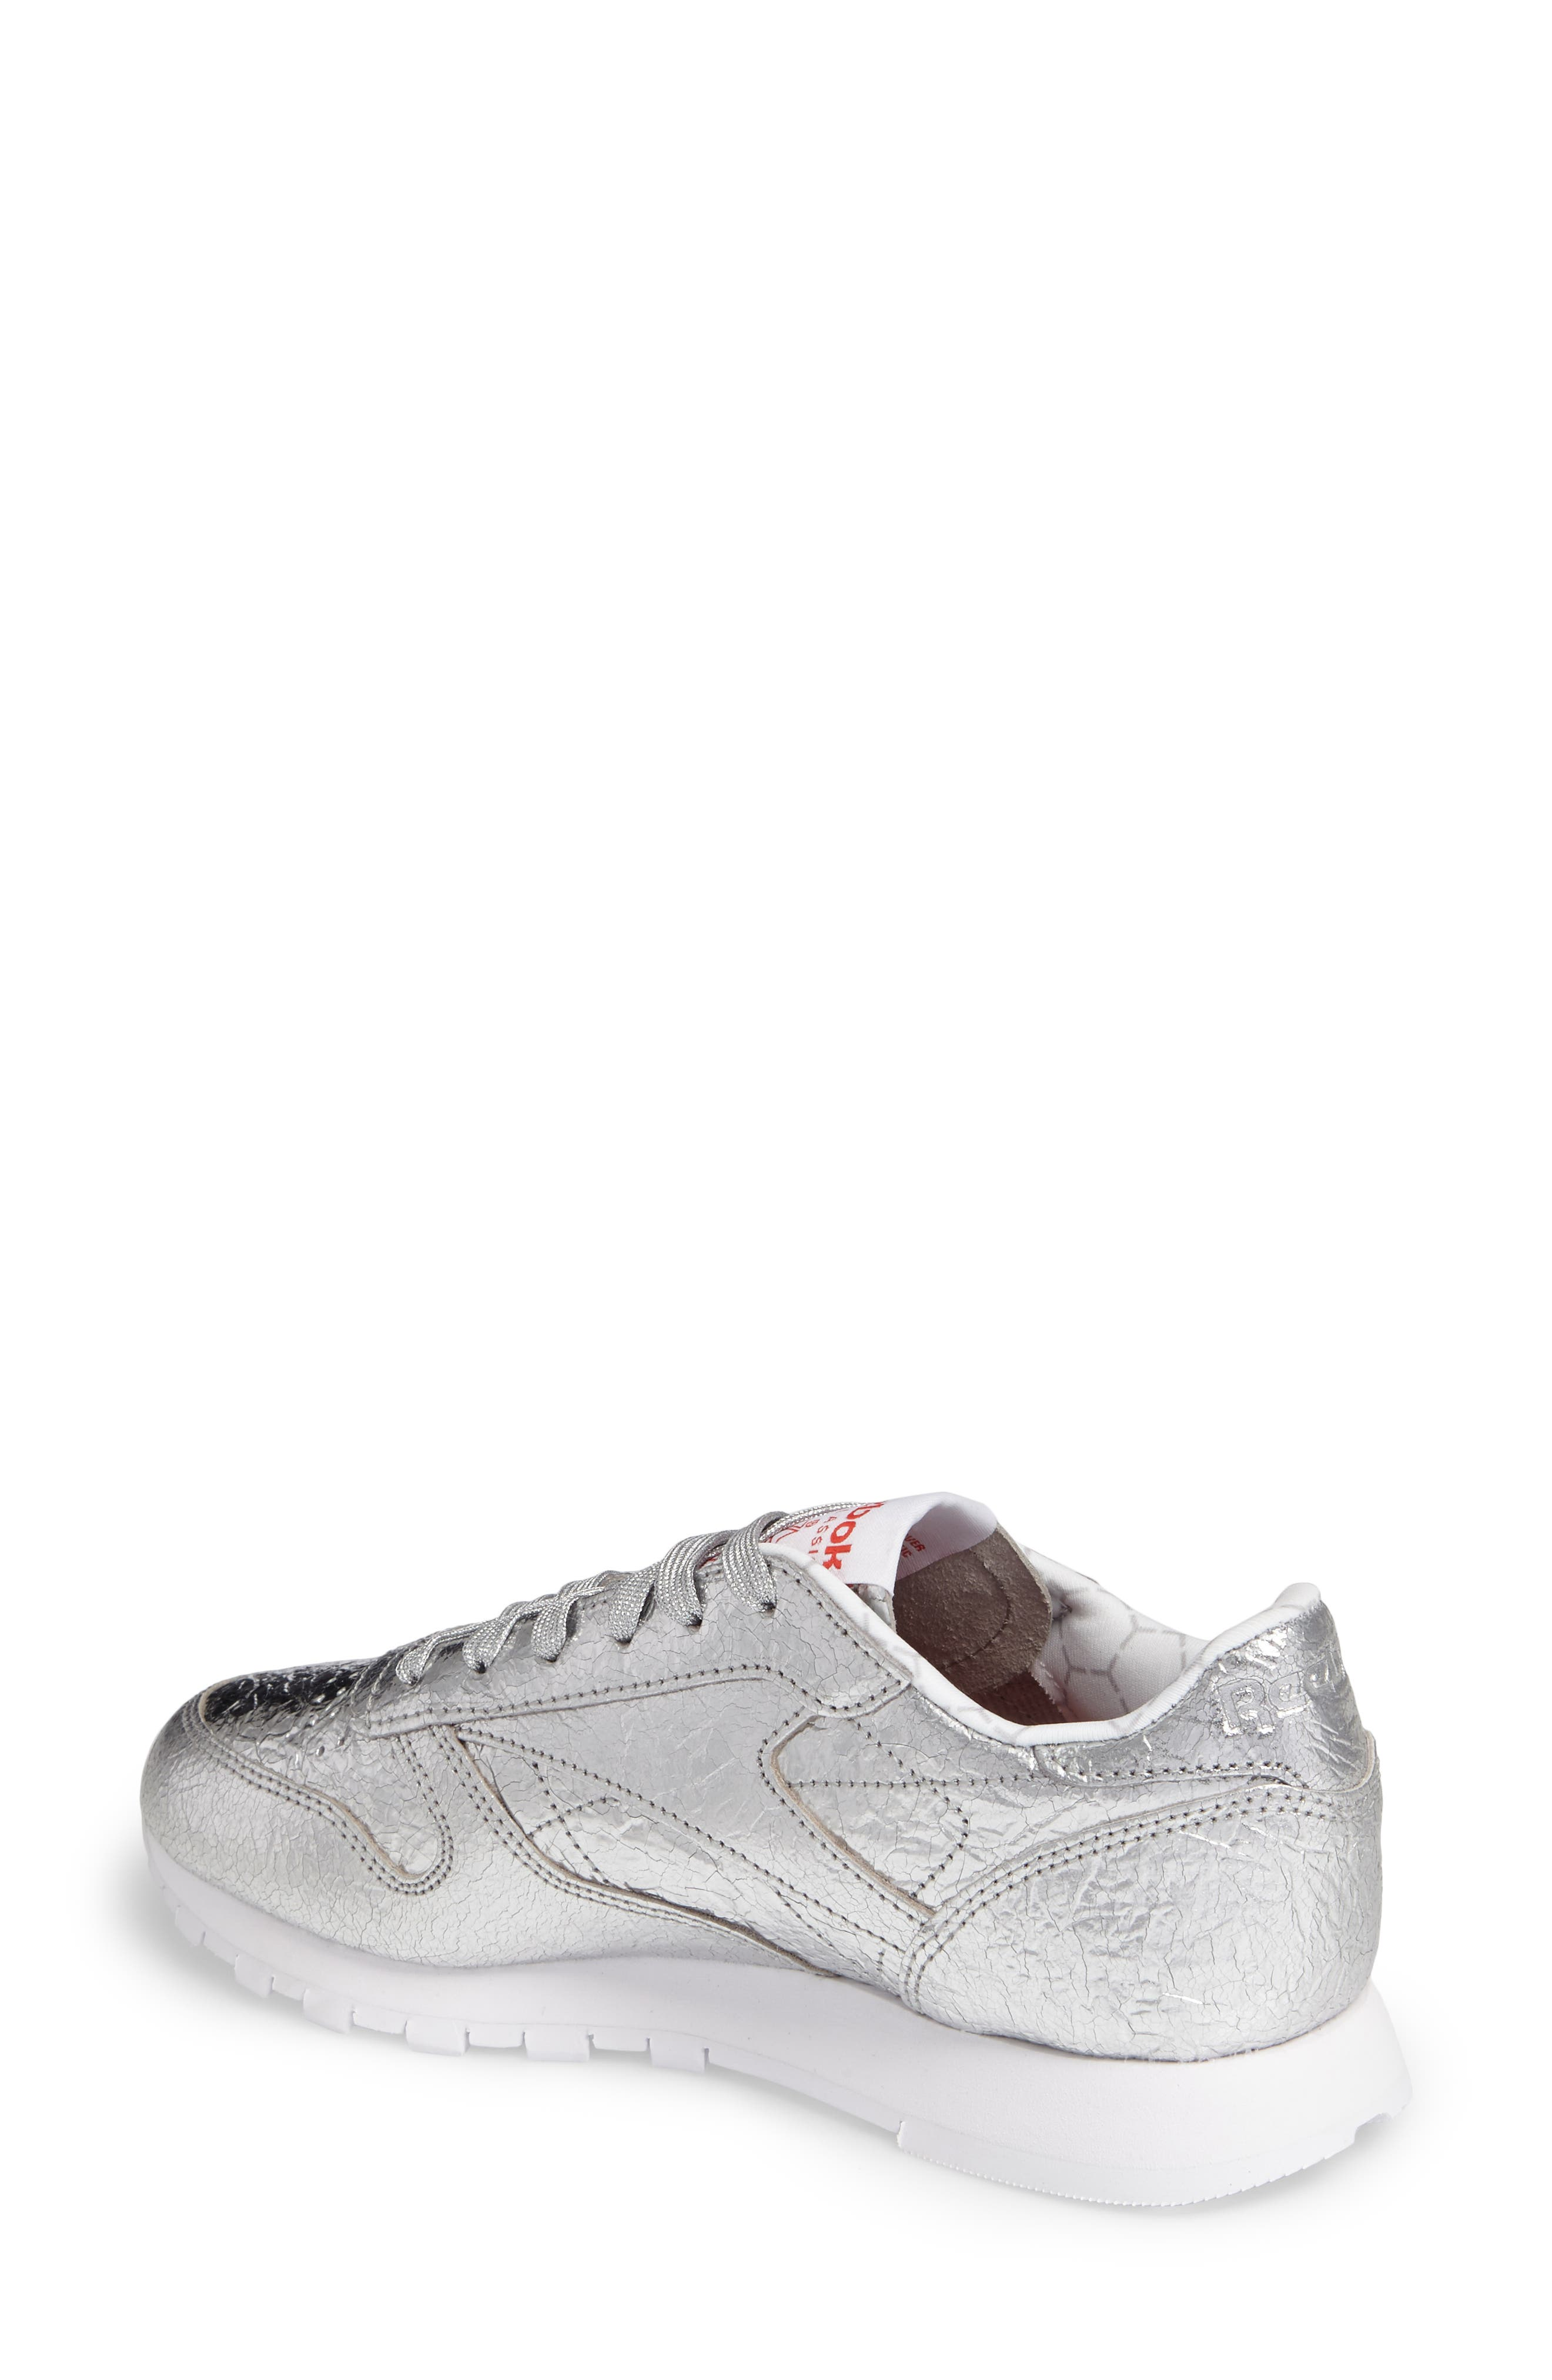 Alternate Image 2  - Reebok Classic Leather HD Foil Sneaker (Women)